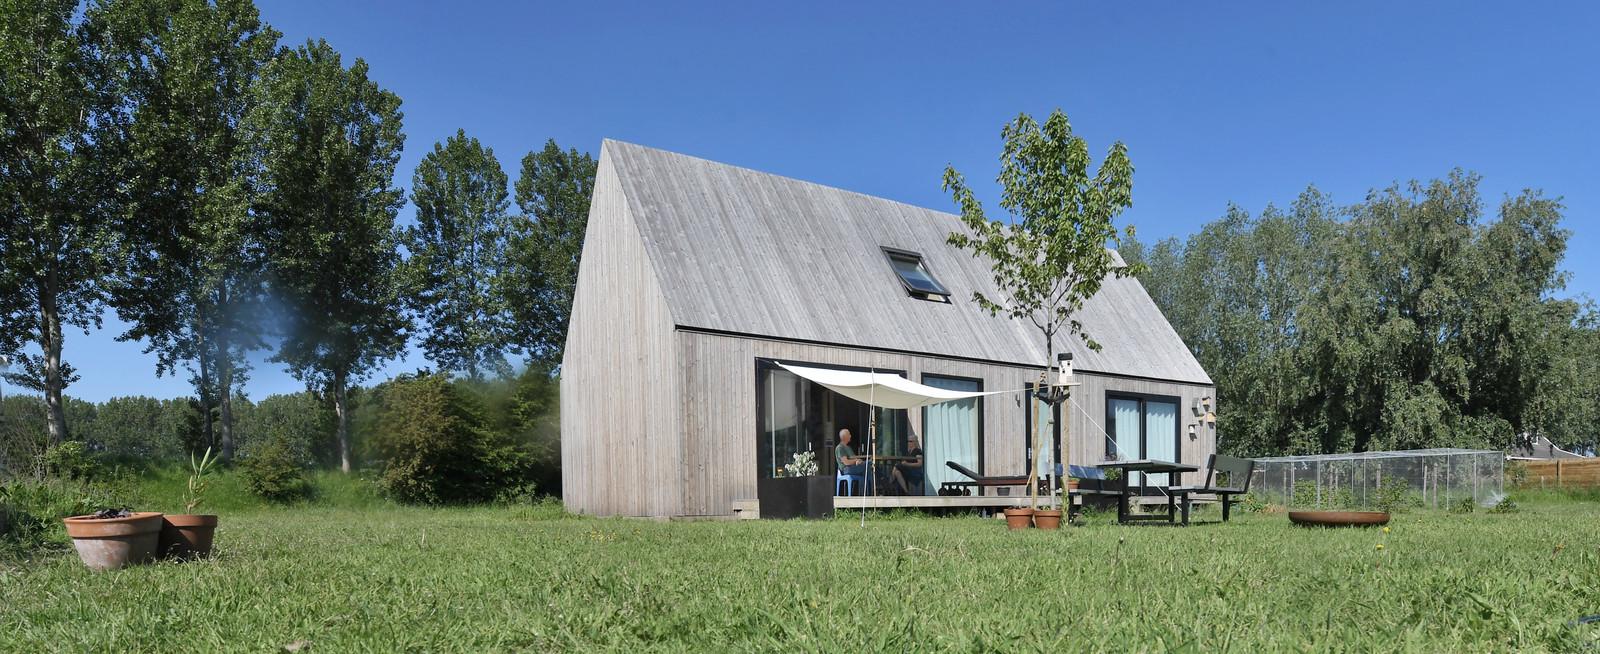 Het duurzame, houten huis van Mieneke en Kees de Jonge in de polder bij Heinkenszand.